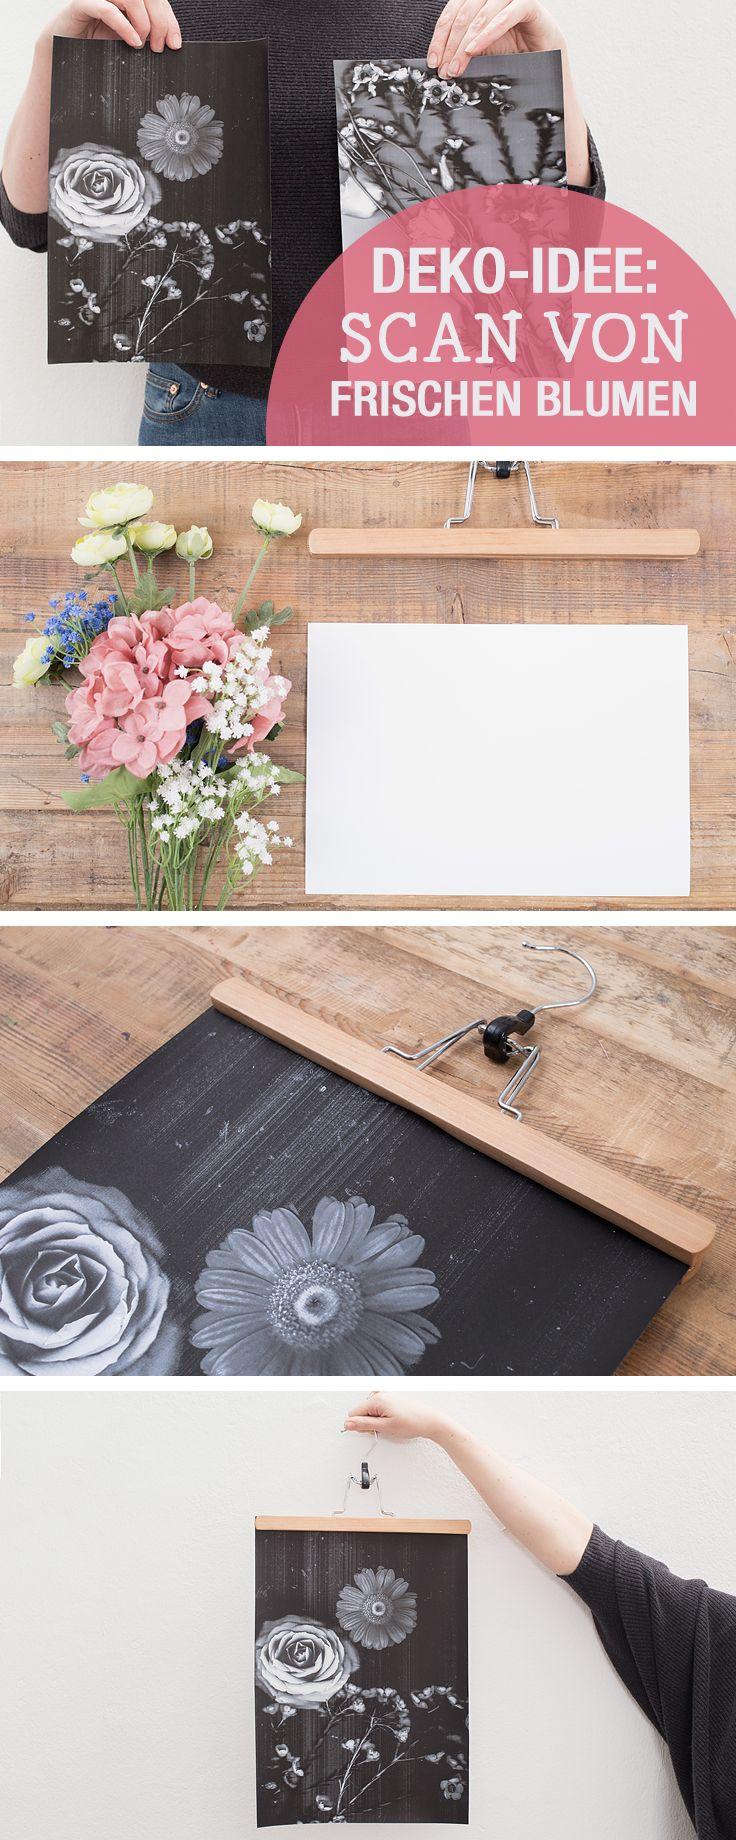 Simple DIY Anleitung f r Wanddeko Scan von frischen Blumen Blumen DIY diy tutorials